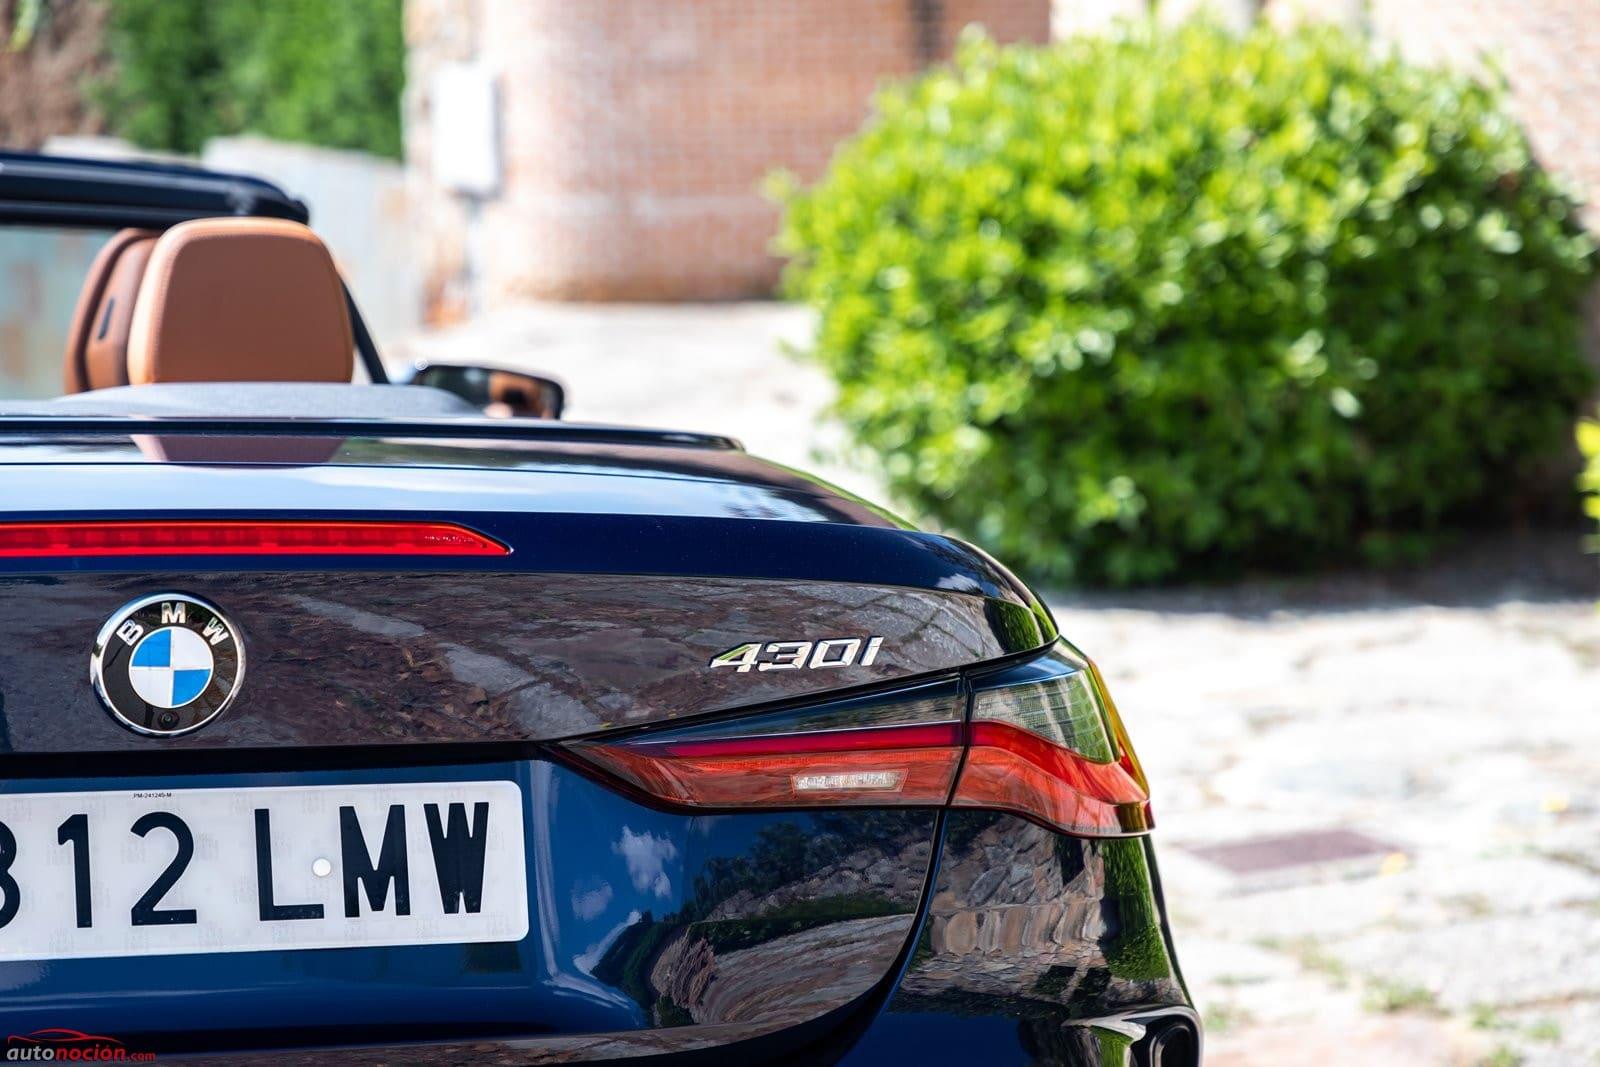 La denominación del BMW 430i Cabrio se puede suprimir